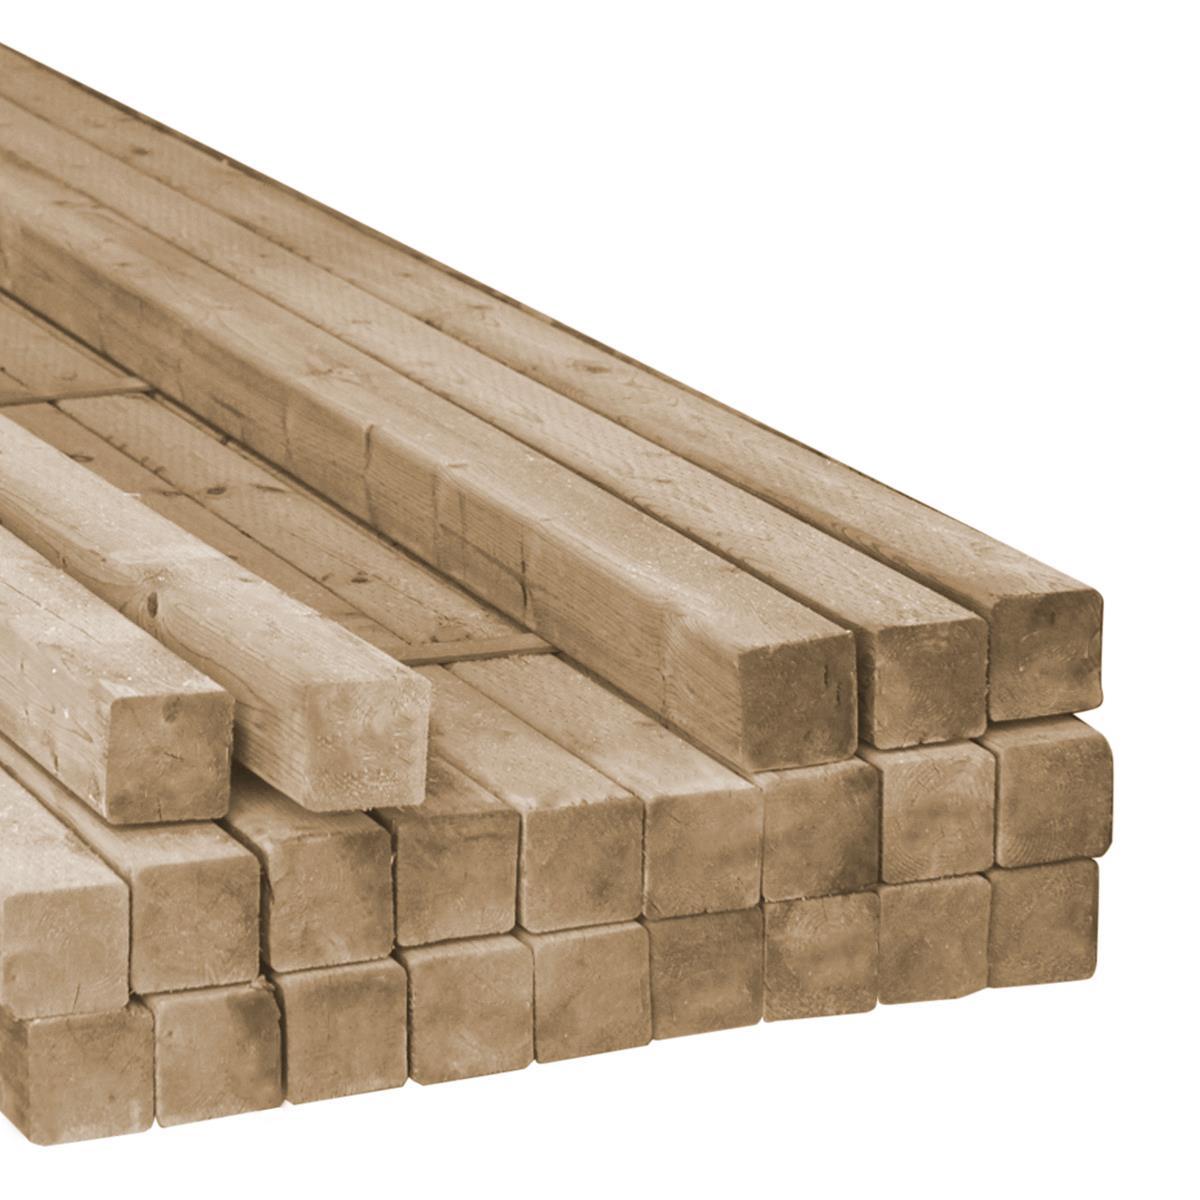 BRN Pressure Treated Rough Timbers - 6 x 6 x 8'